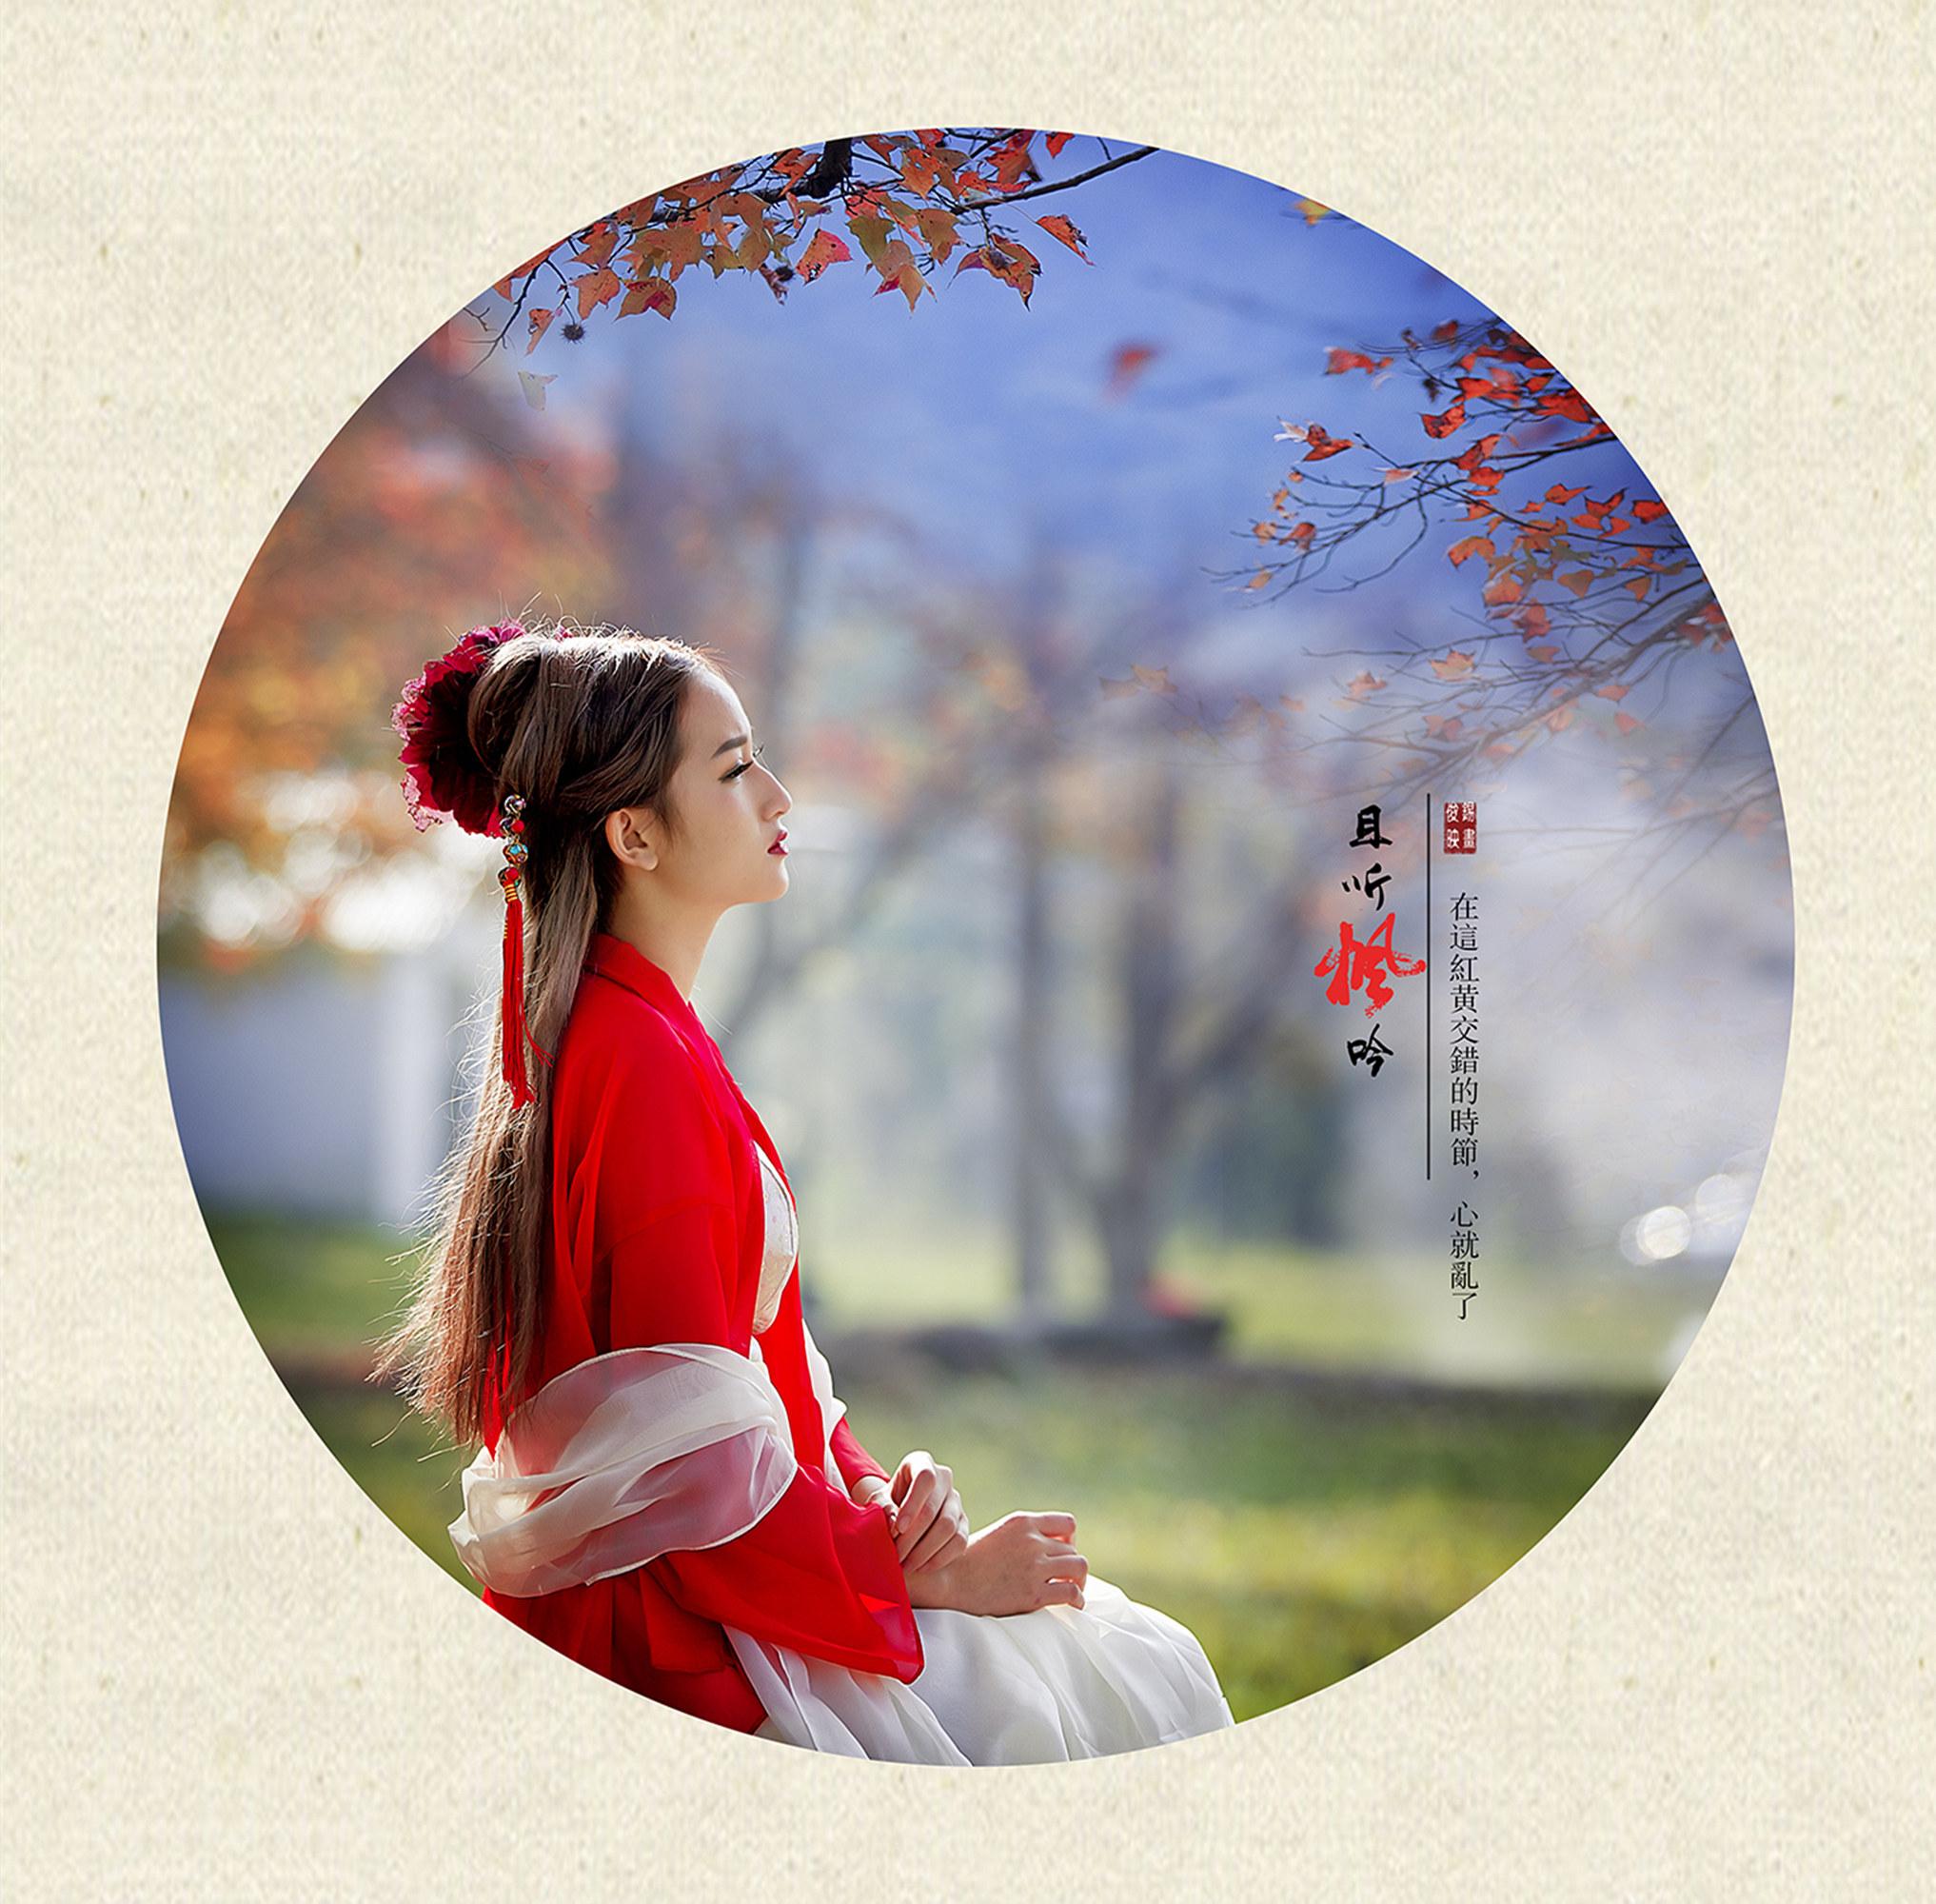 心 灵 的 安 放 【情感人生】- 花仙子 -花仙子的博客